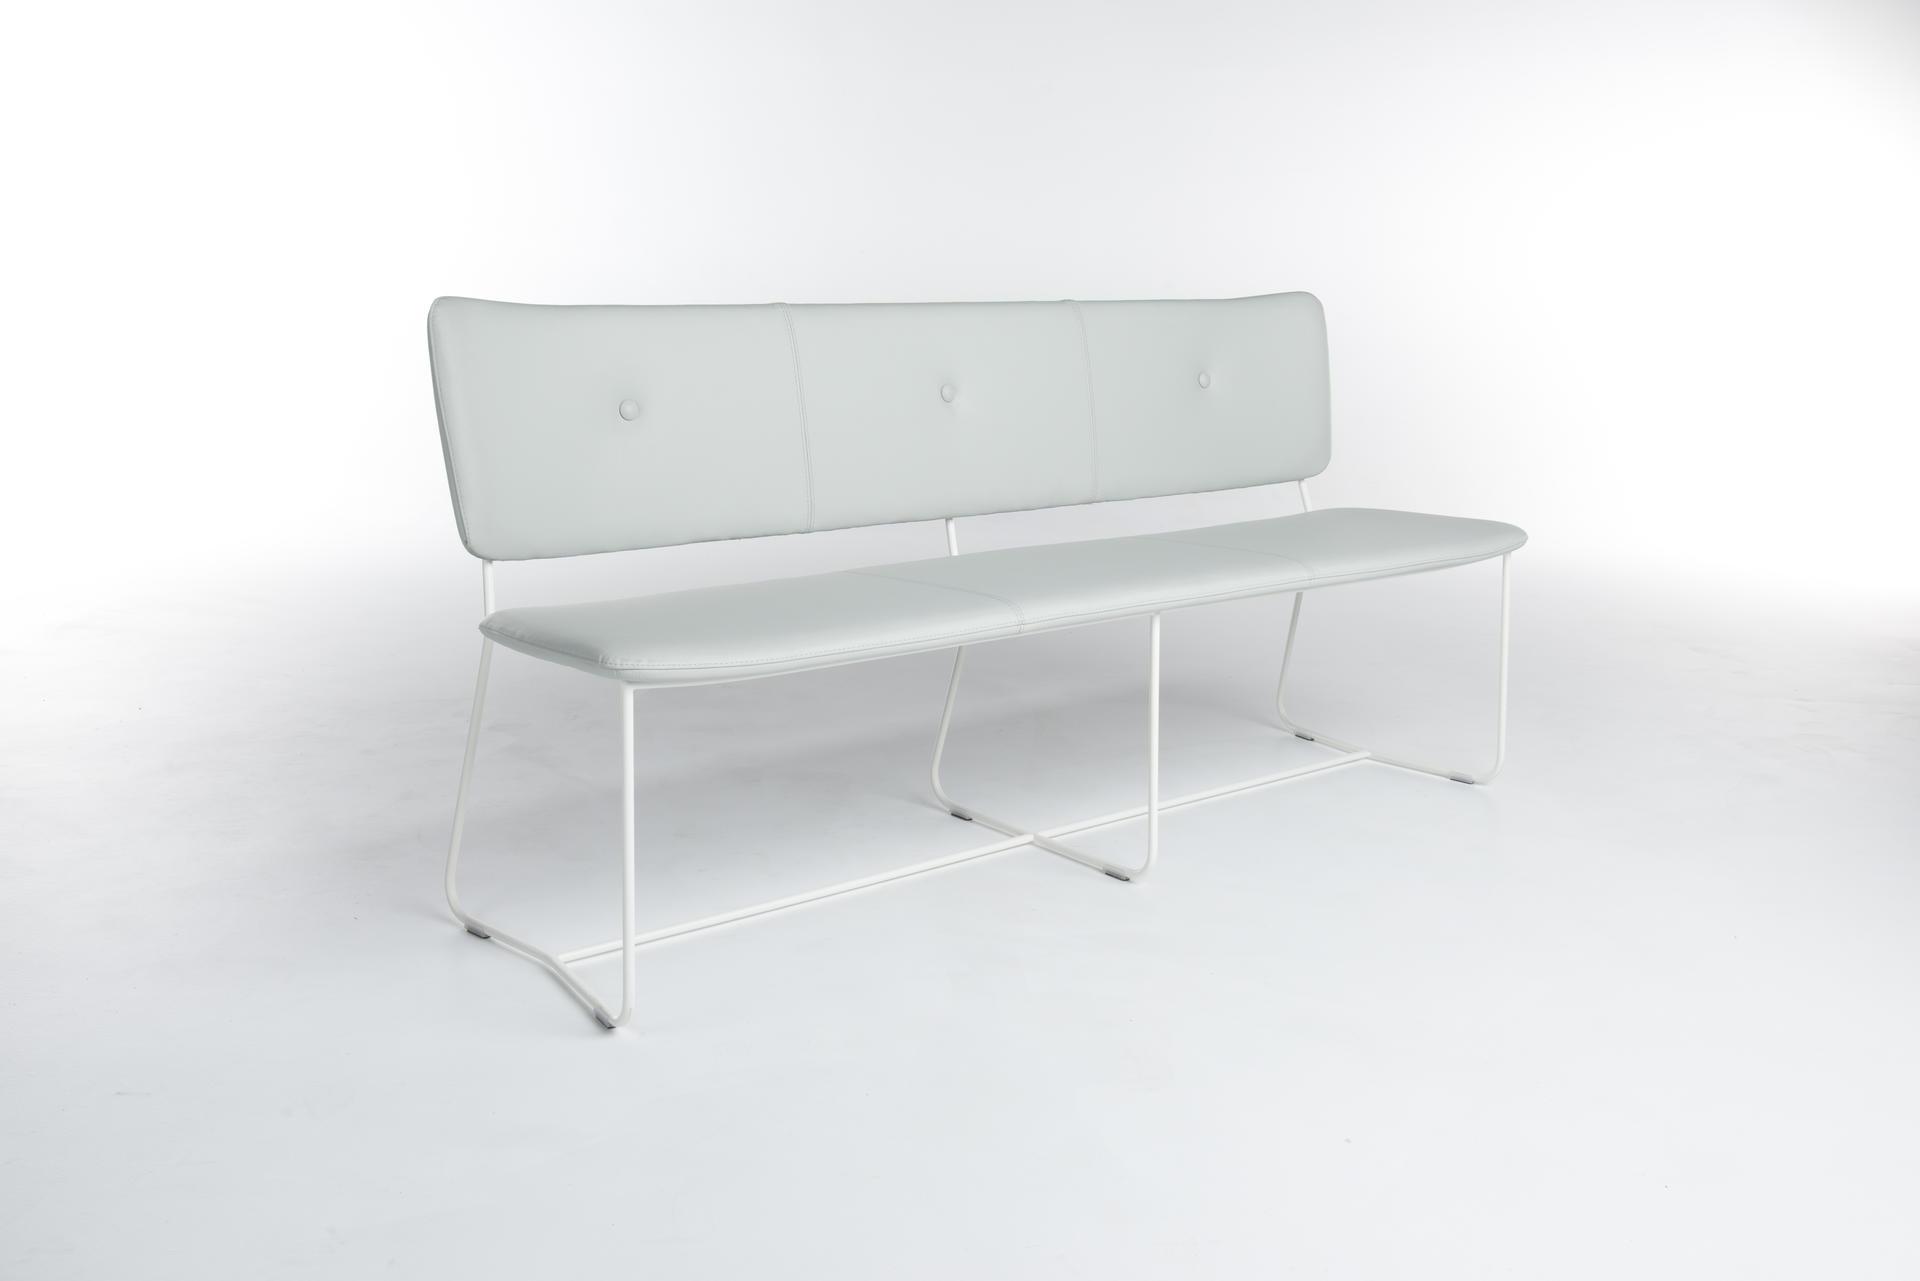 скамья KIKO bench, Bert Plantagie, фото 2